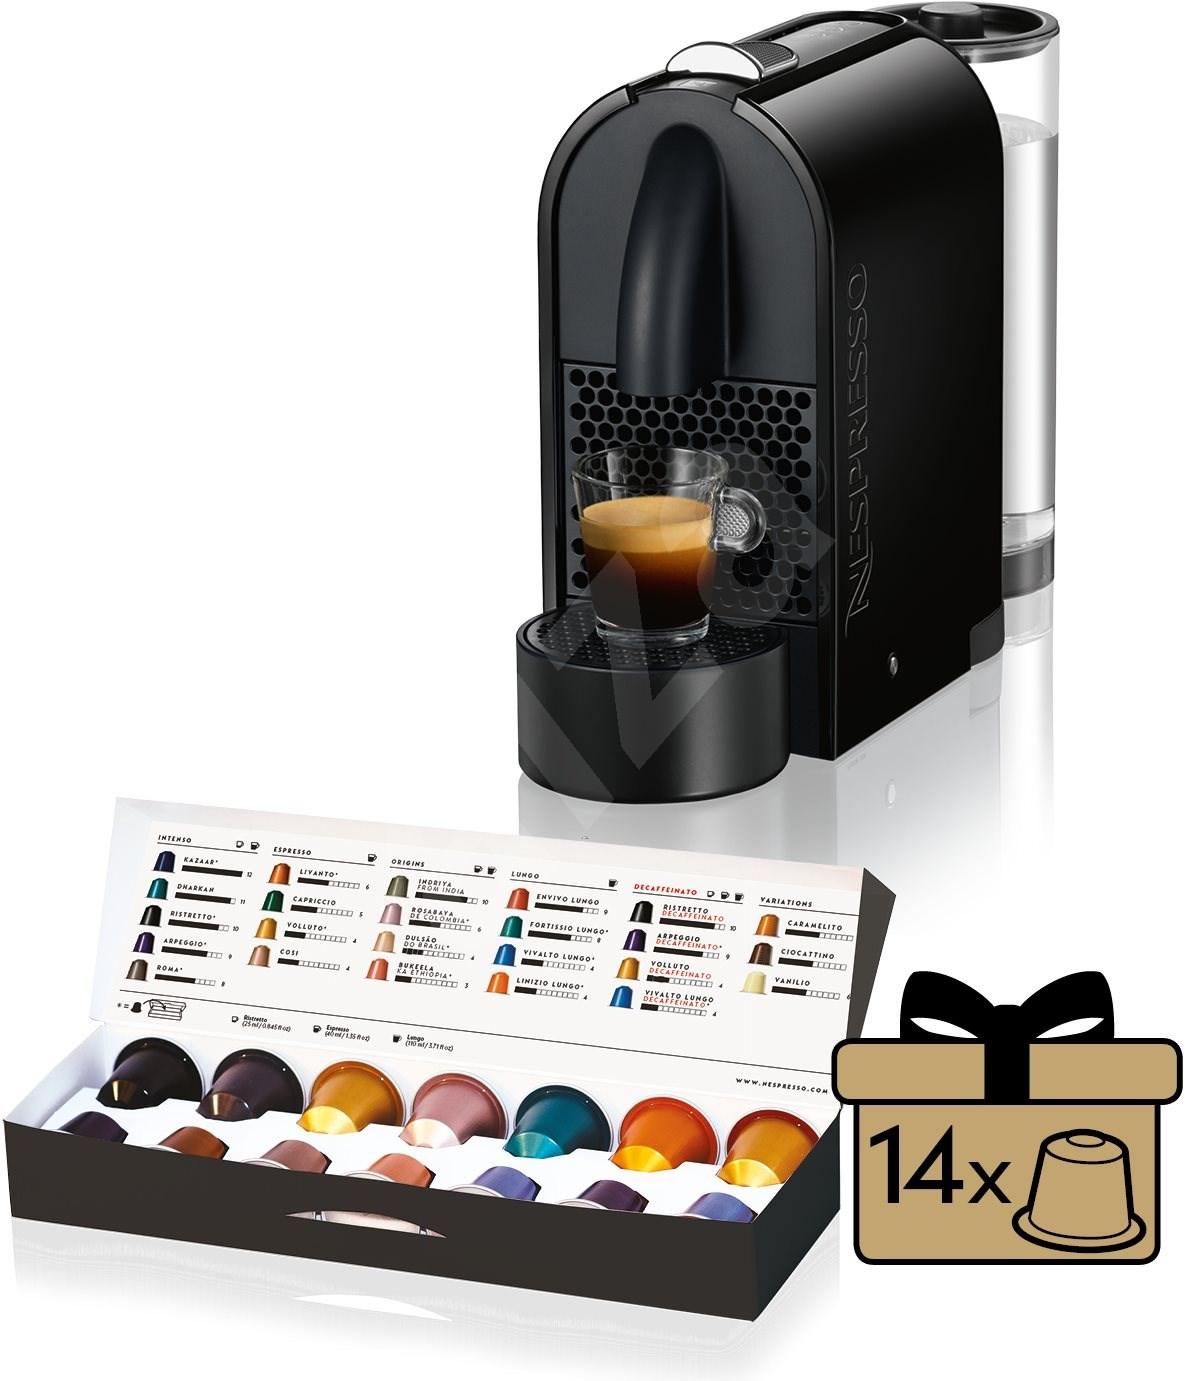 nespresso d longhi u en110 b kapsel kaffeemaschine. Black Bedroom Furniture Sets. Home Design Ideas